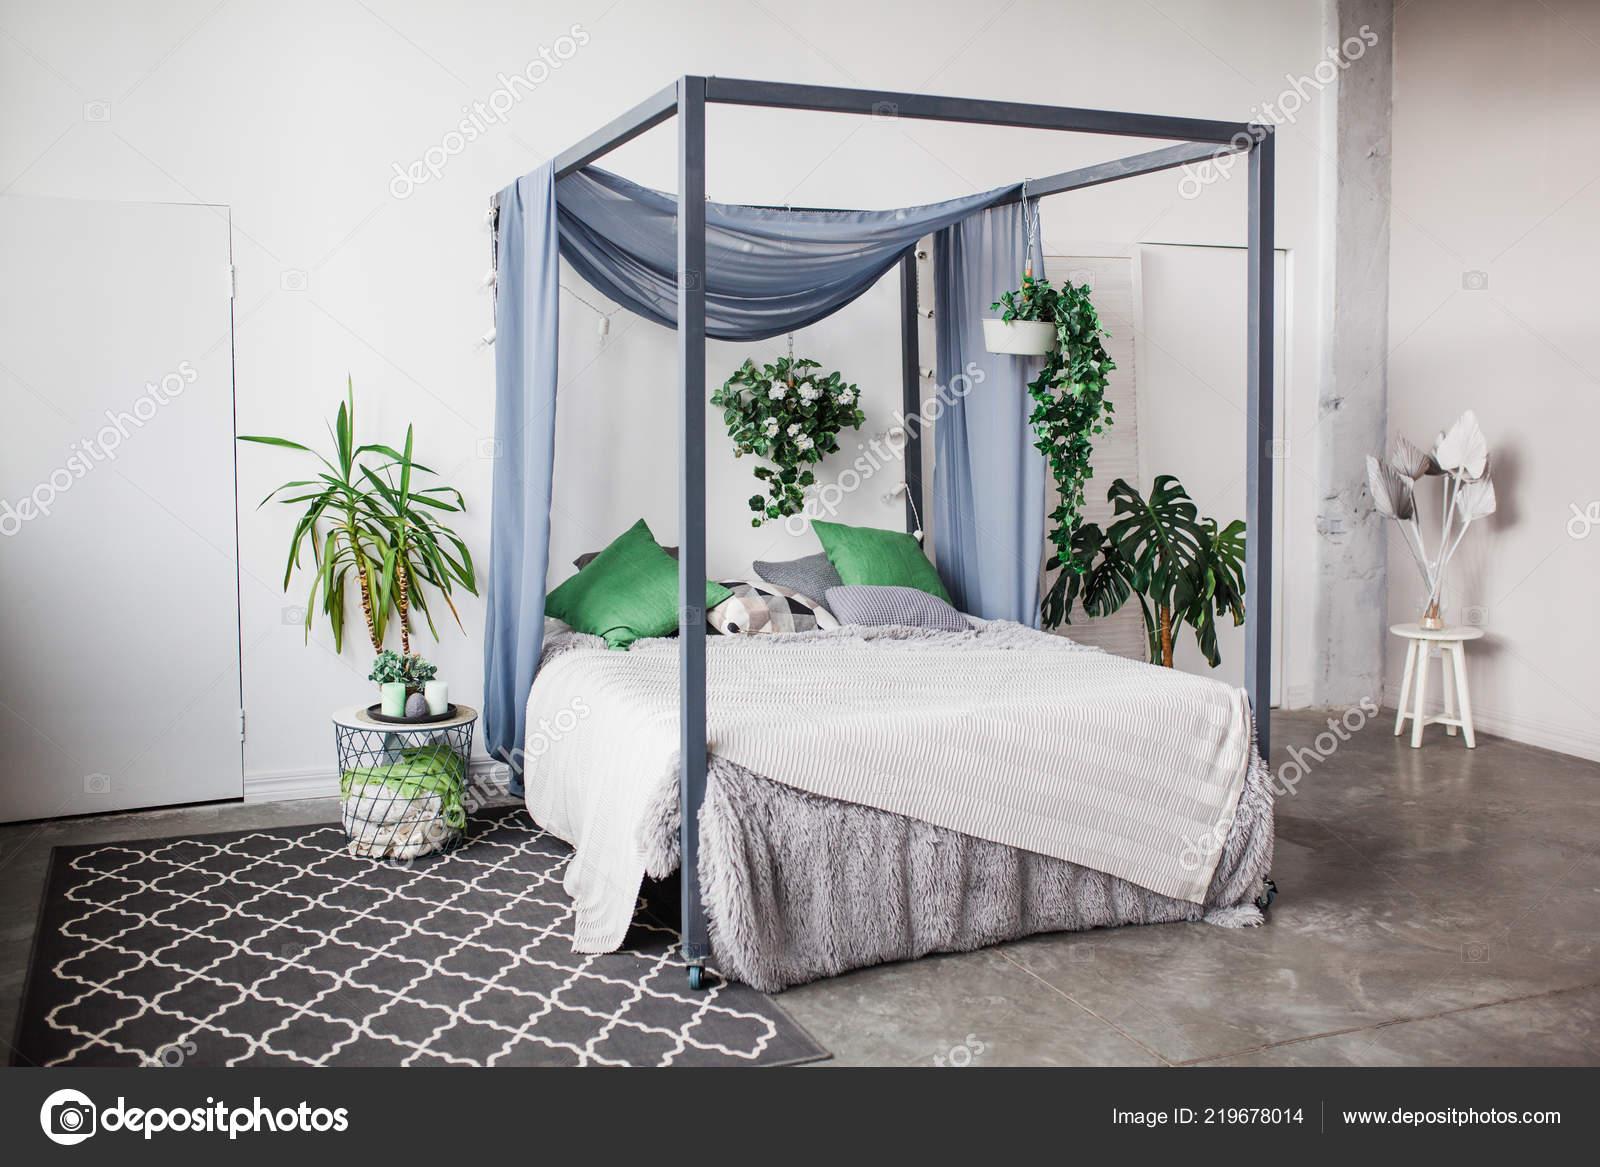 Chambre Coucher Blanche Avec Des Éléments Décoration Simple Dans Plage U2014  Photo